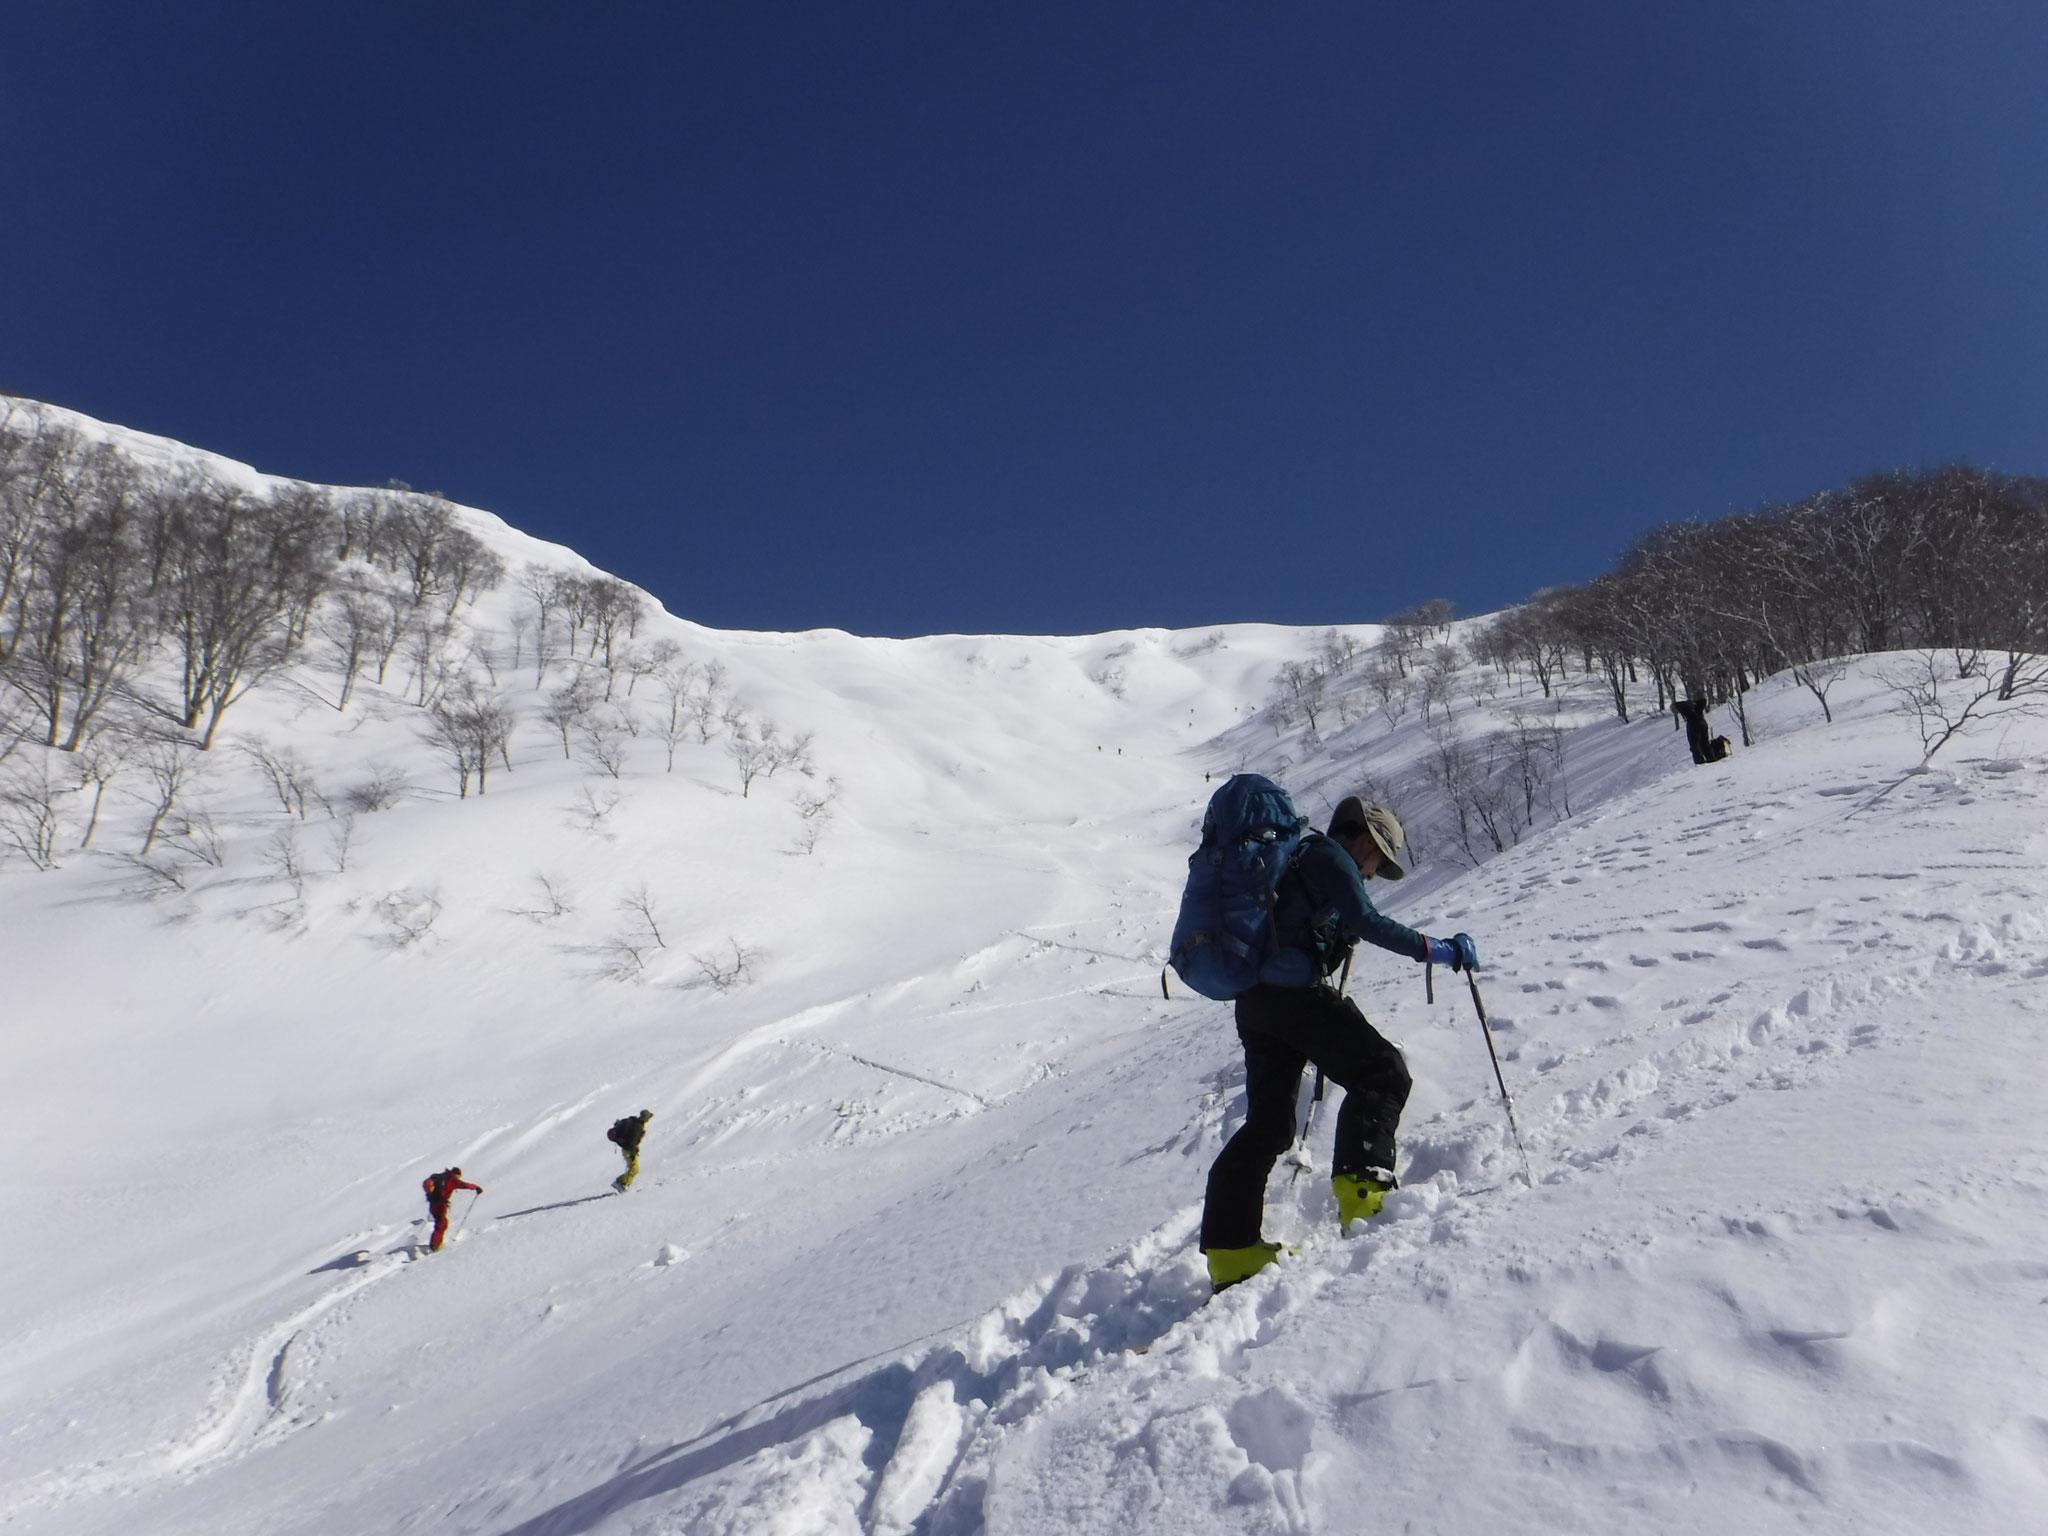 9:50 稜線の雪庇下を避け、尾根を登る E戸